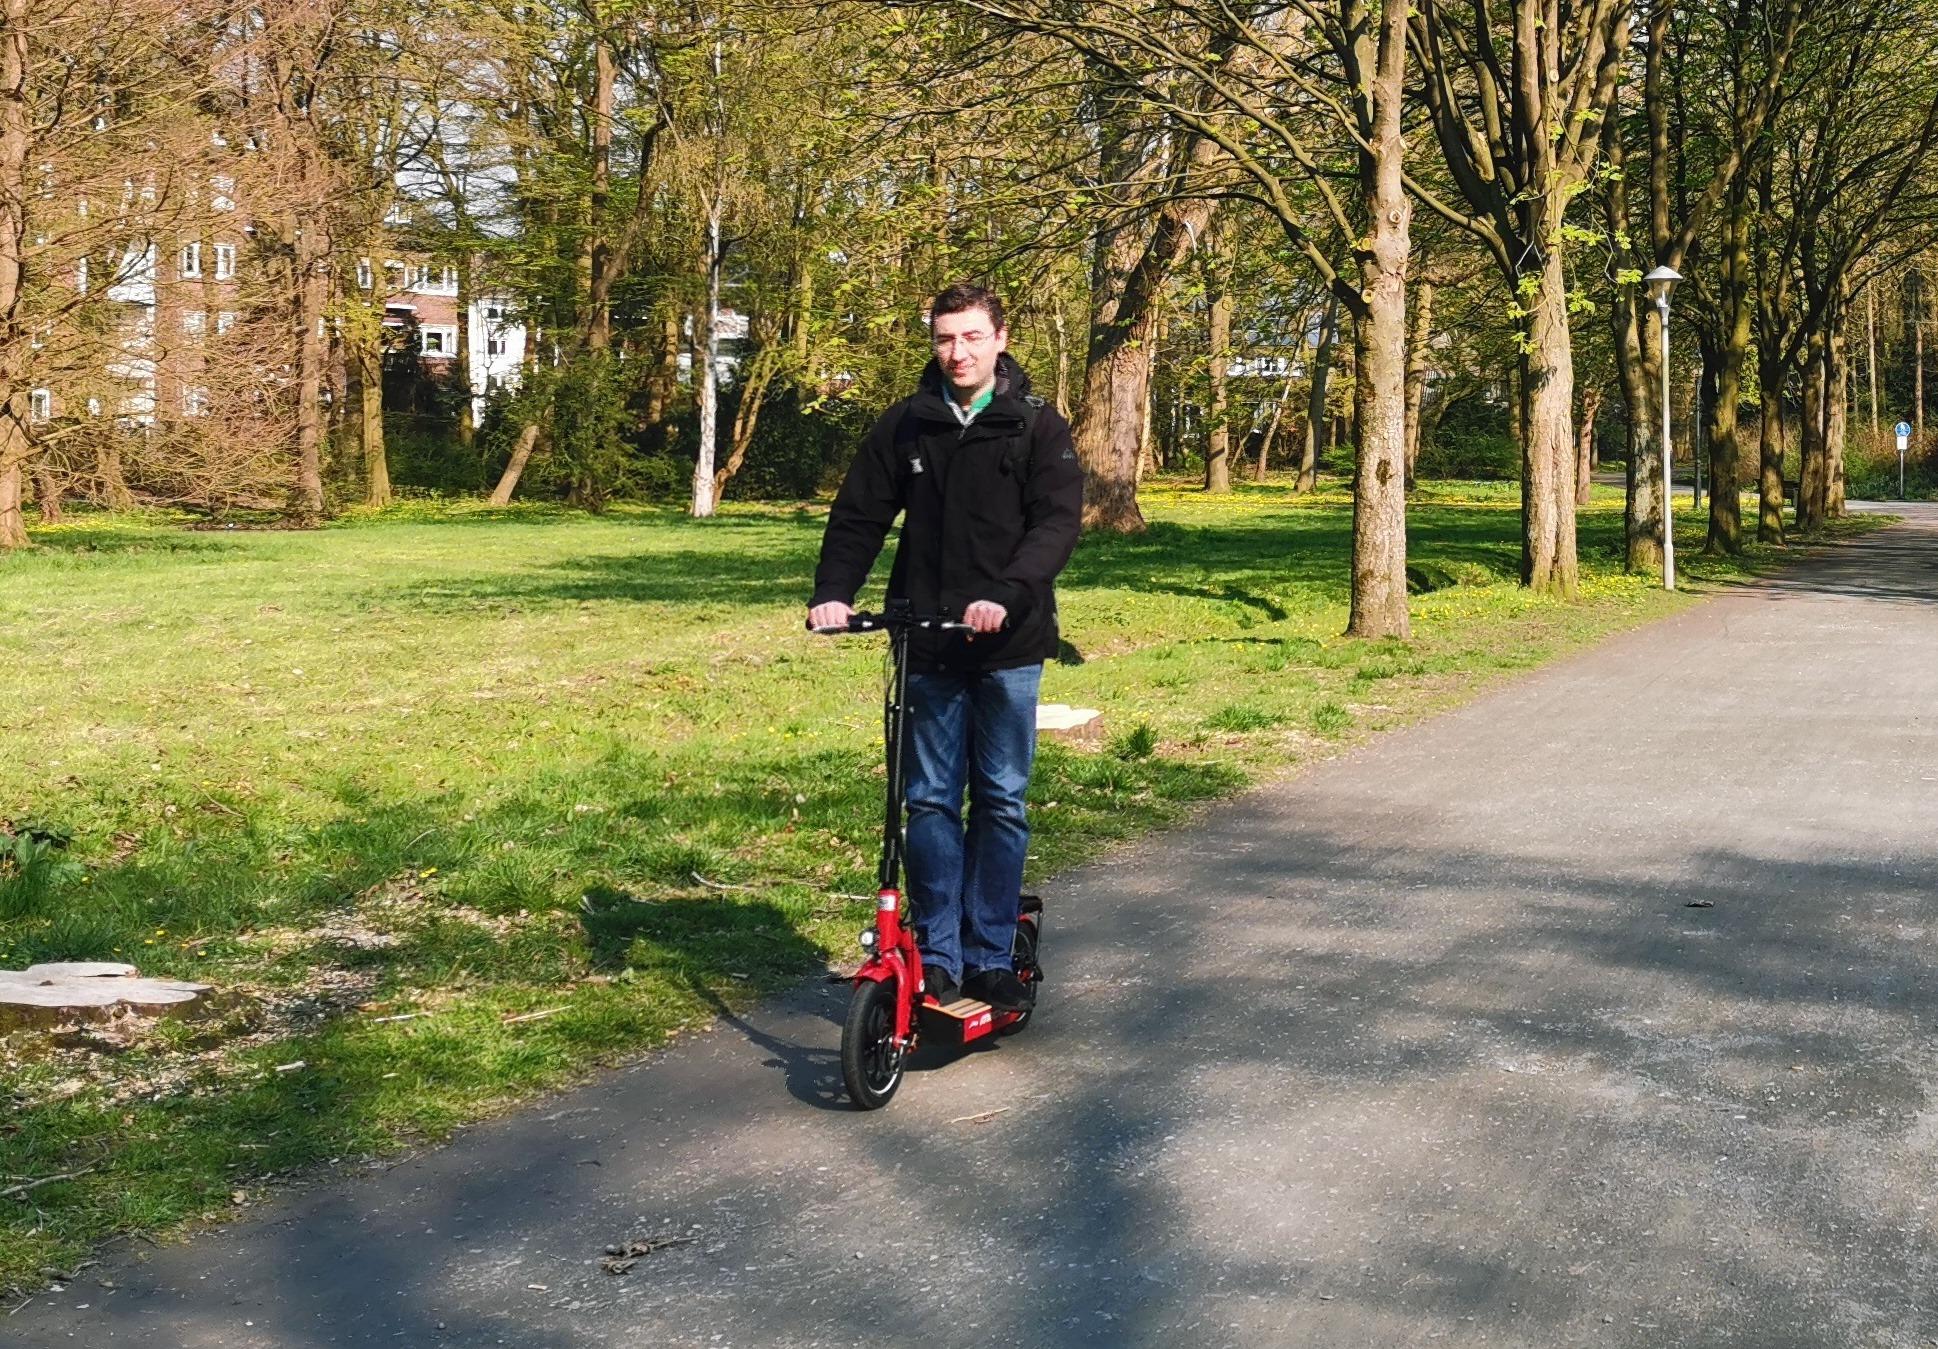 Günstige E-Scooter-Versicherung: Kosten im Überblick